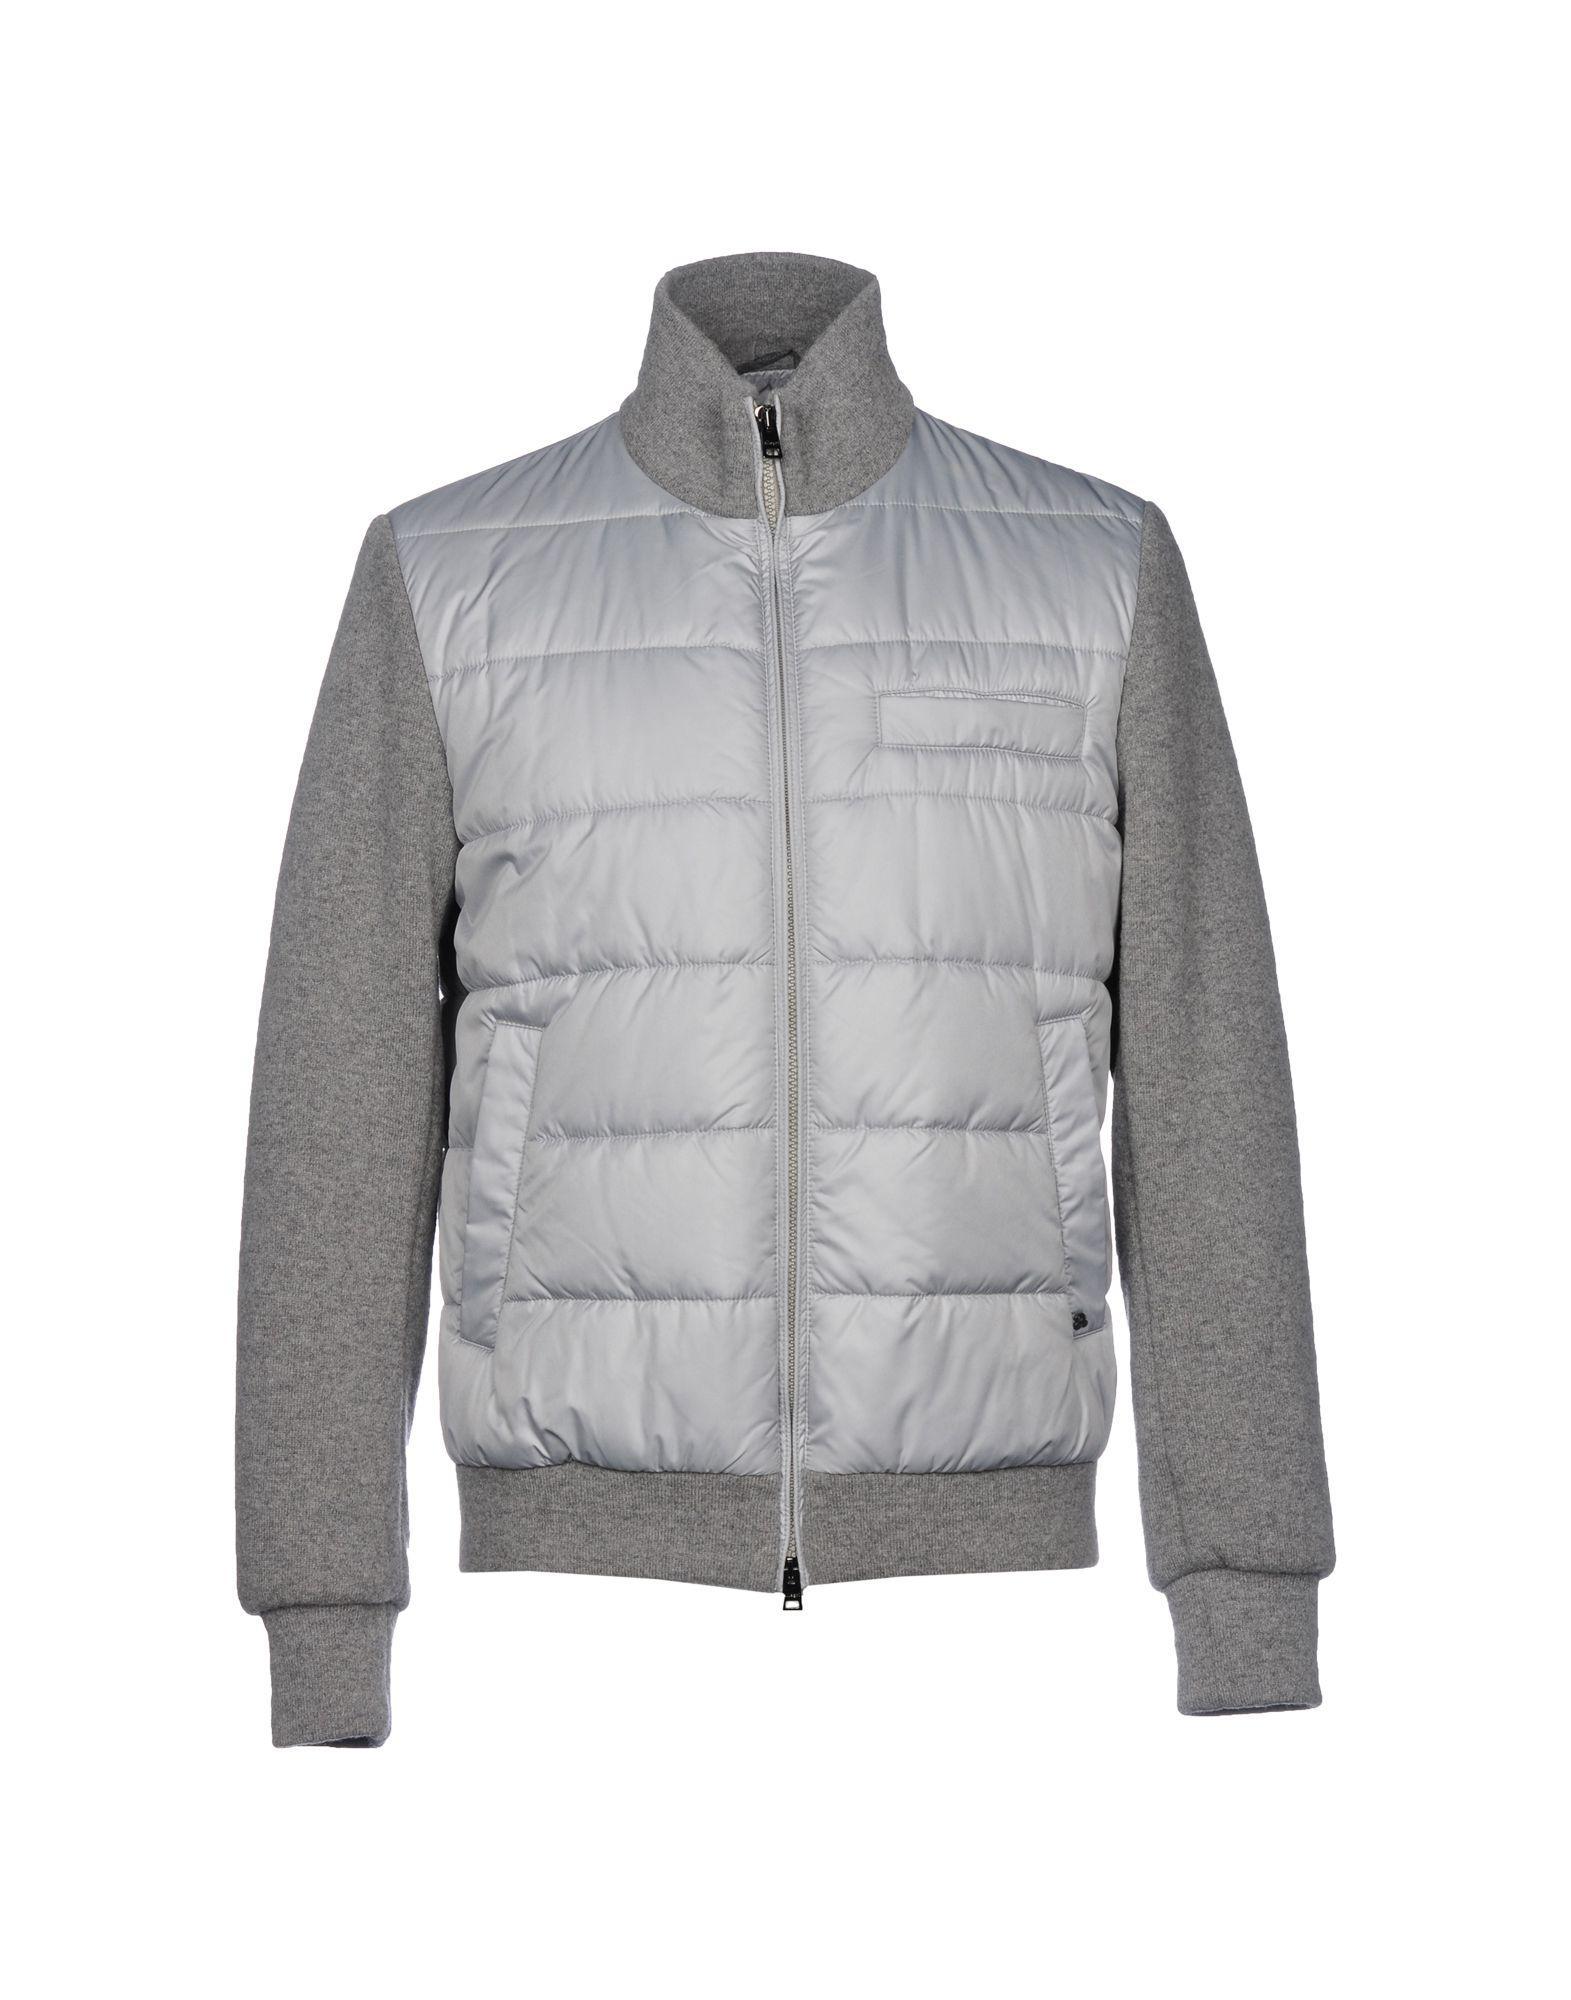 9e1af0ac90 Allegri Gray Jacket for men